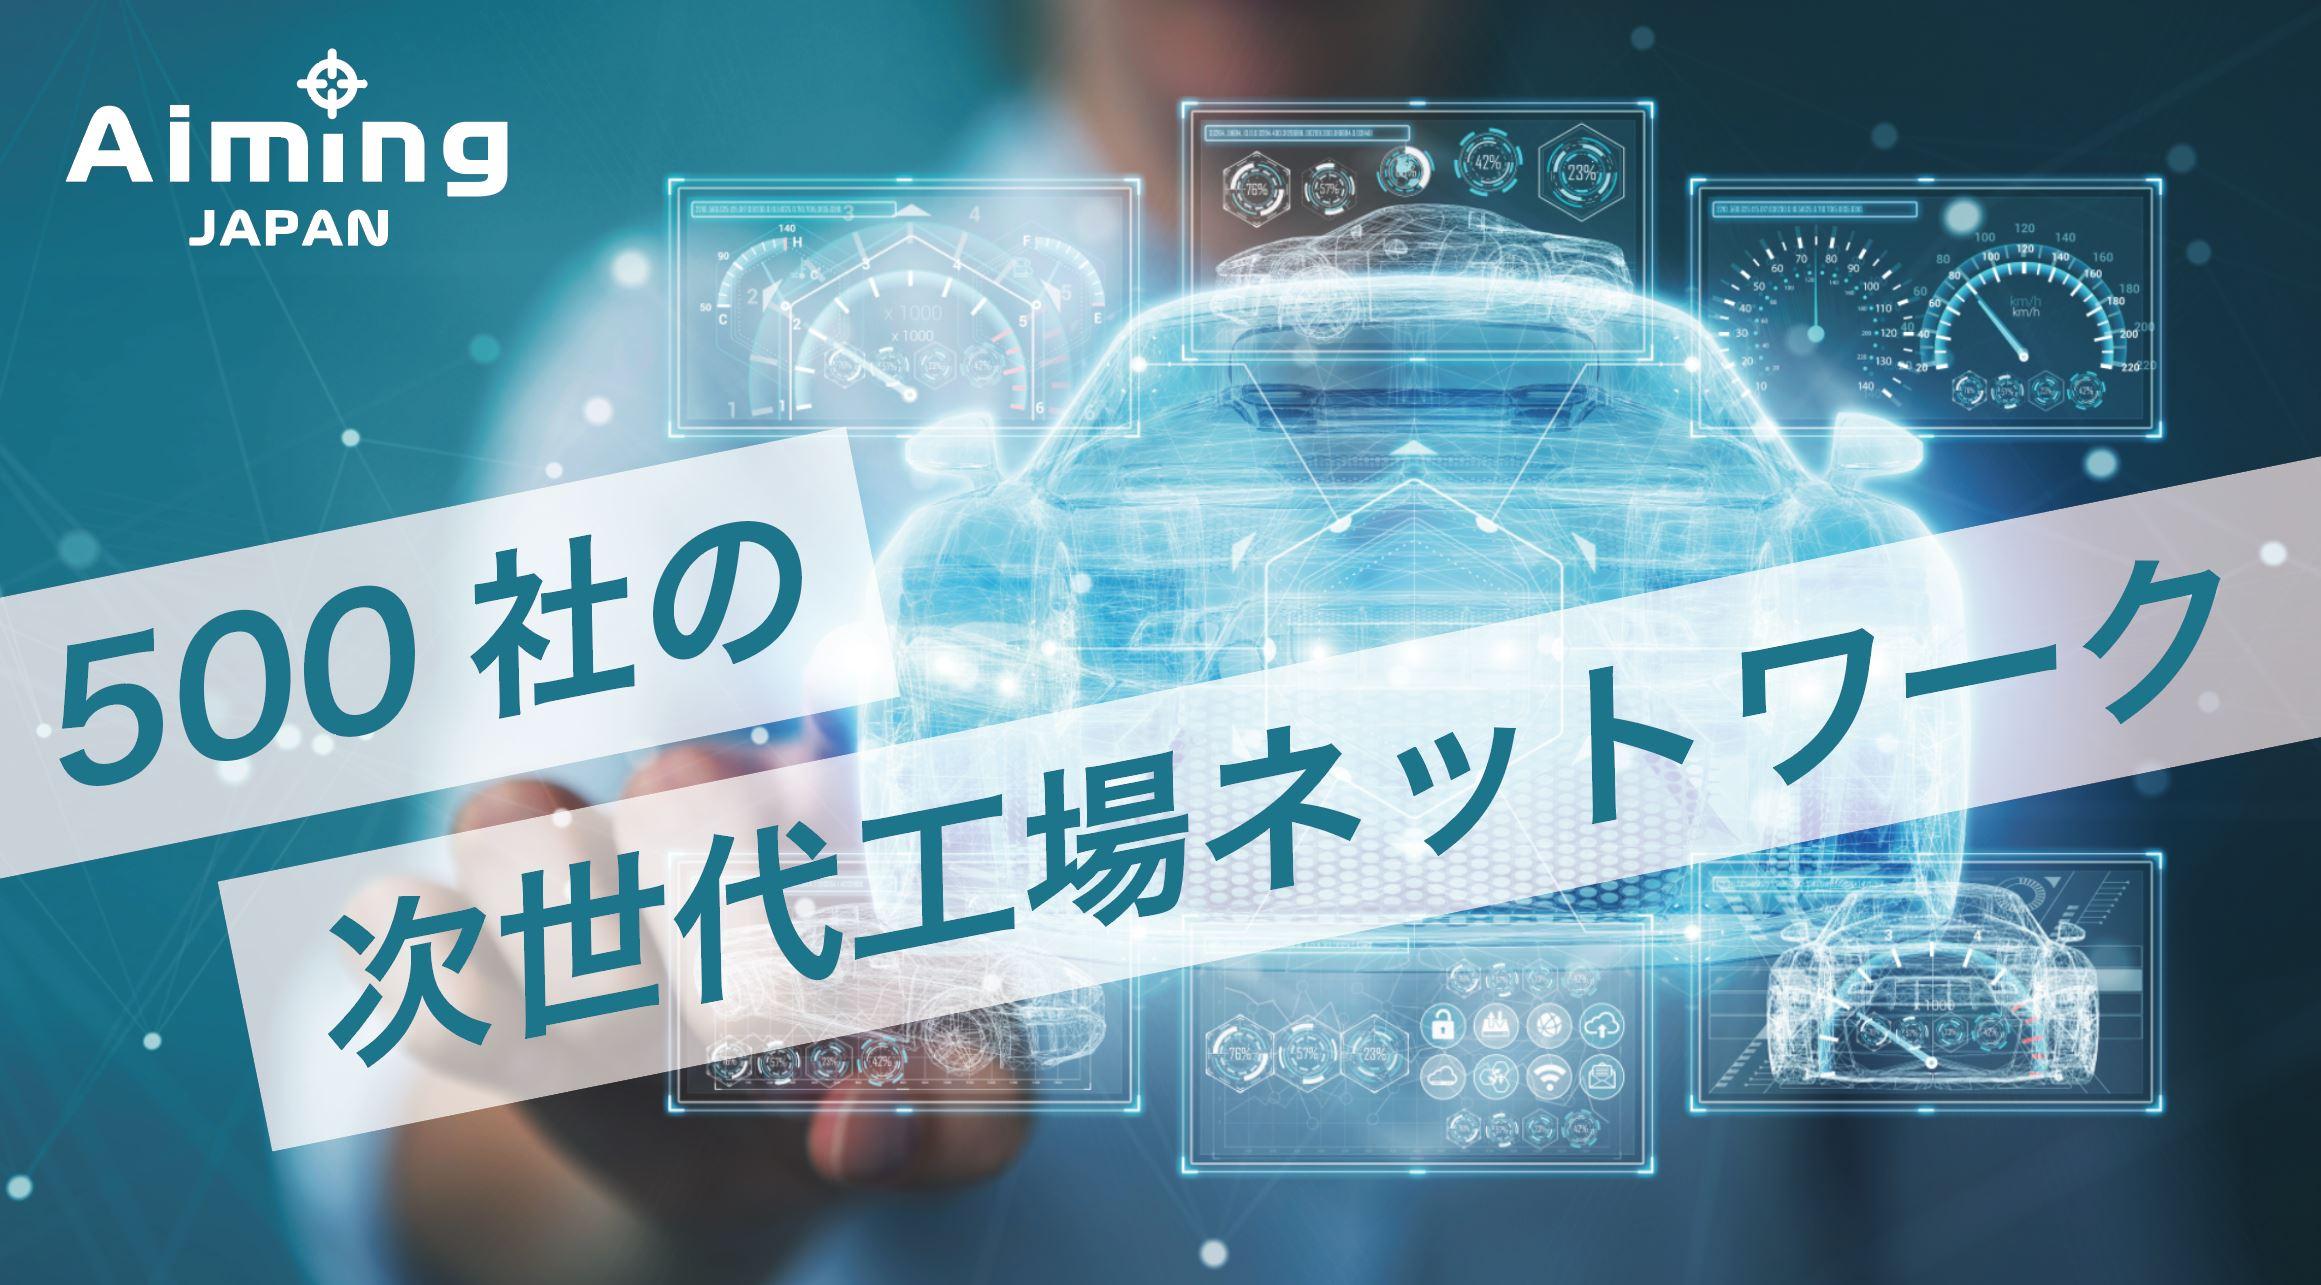 【株式会社杉戸自動車】愛知県の財団法人日本技能研修機構(JATTO)のエーミングセンターがOPEN!「地域統一料金」「最新機器完備」「48時間納車」にてASVの機能調整の代行サービスを開始